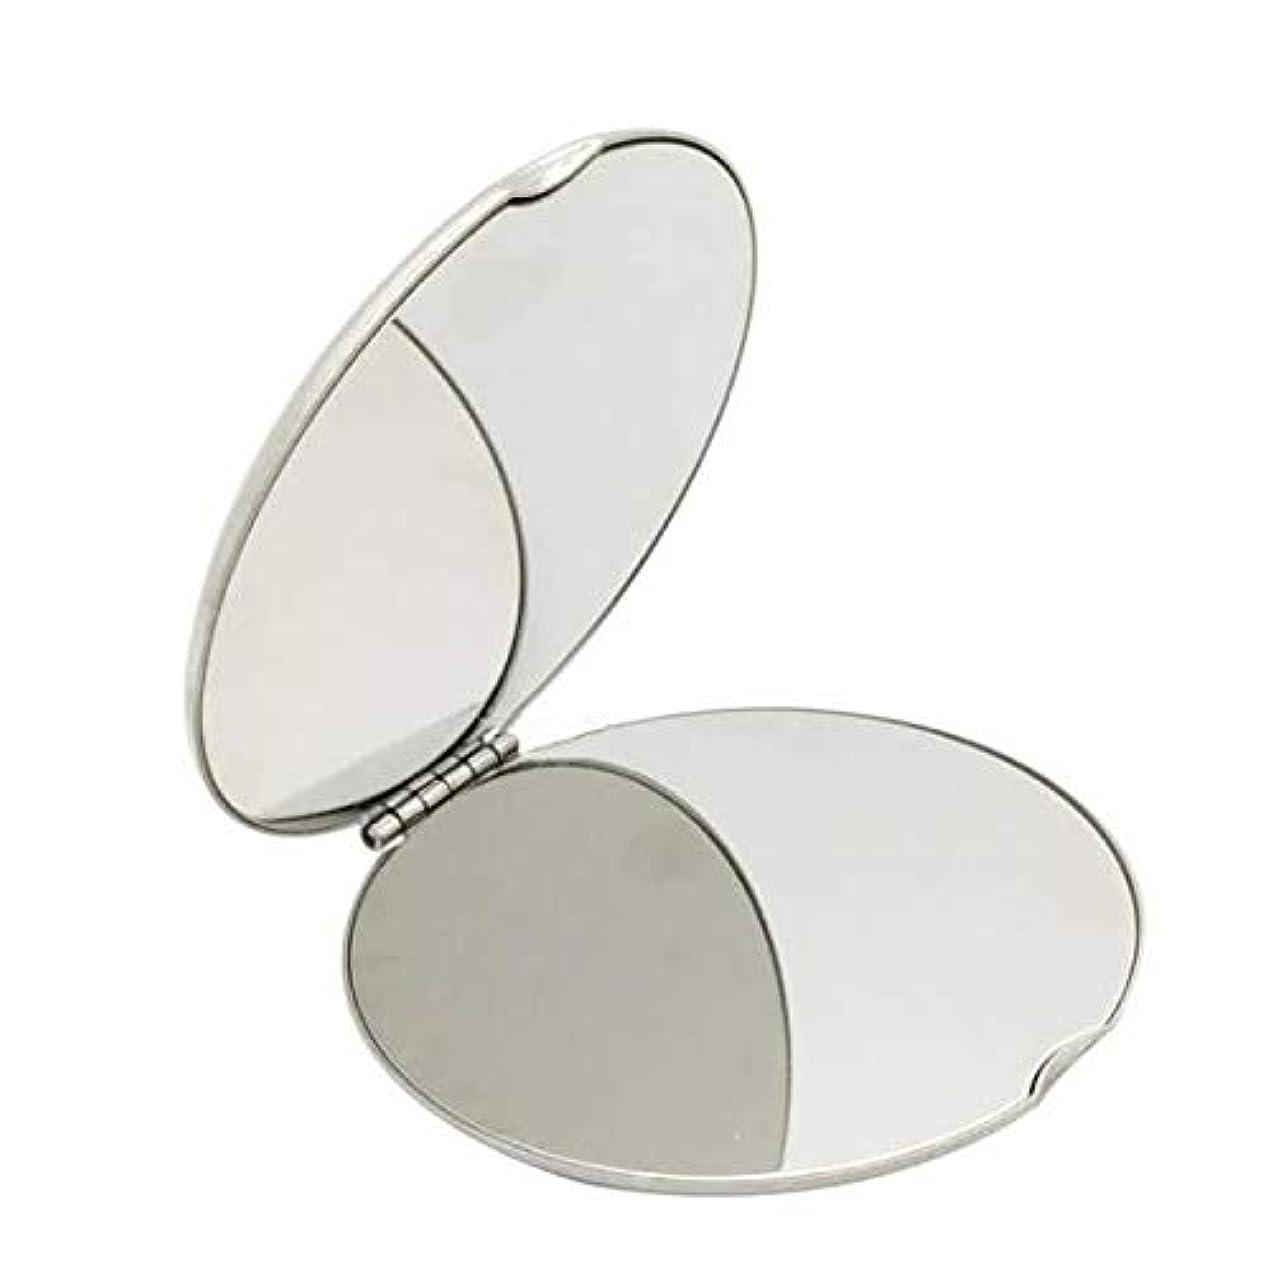 神聖連帯満足させる飛散防止化粧鏡ステンレス鋼 化粧鏡おすすめ 携帯用ミラー化粧用鏡(ラウンド)